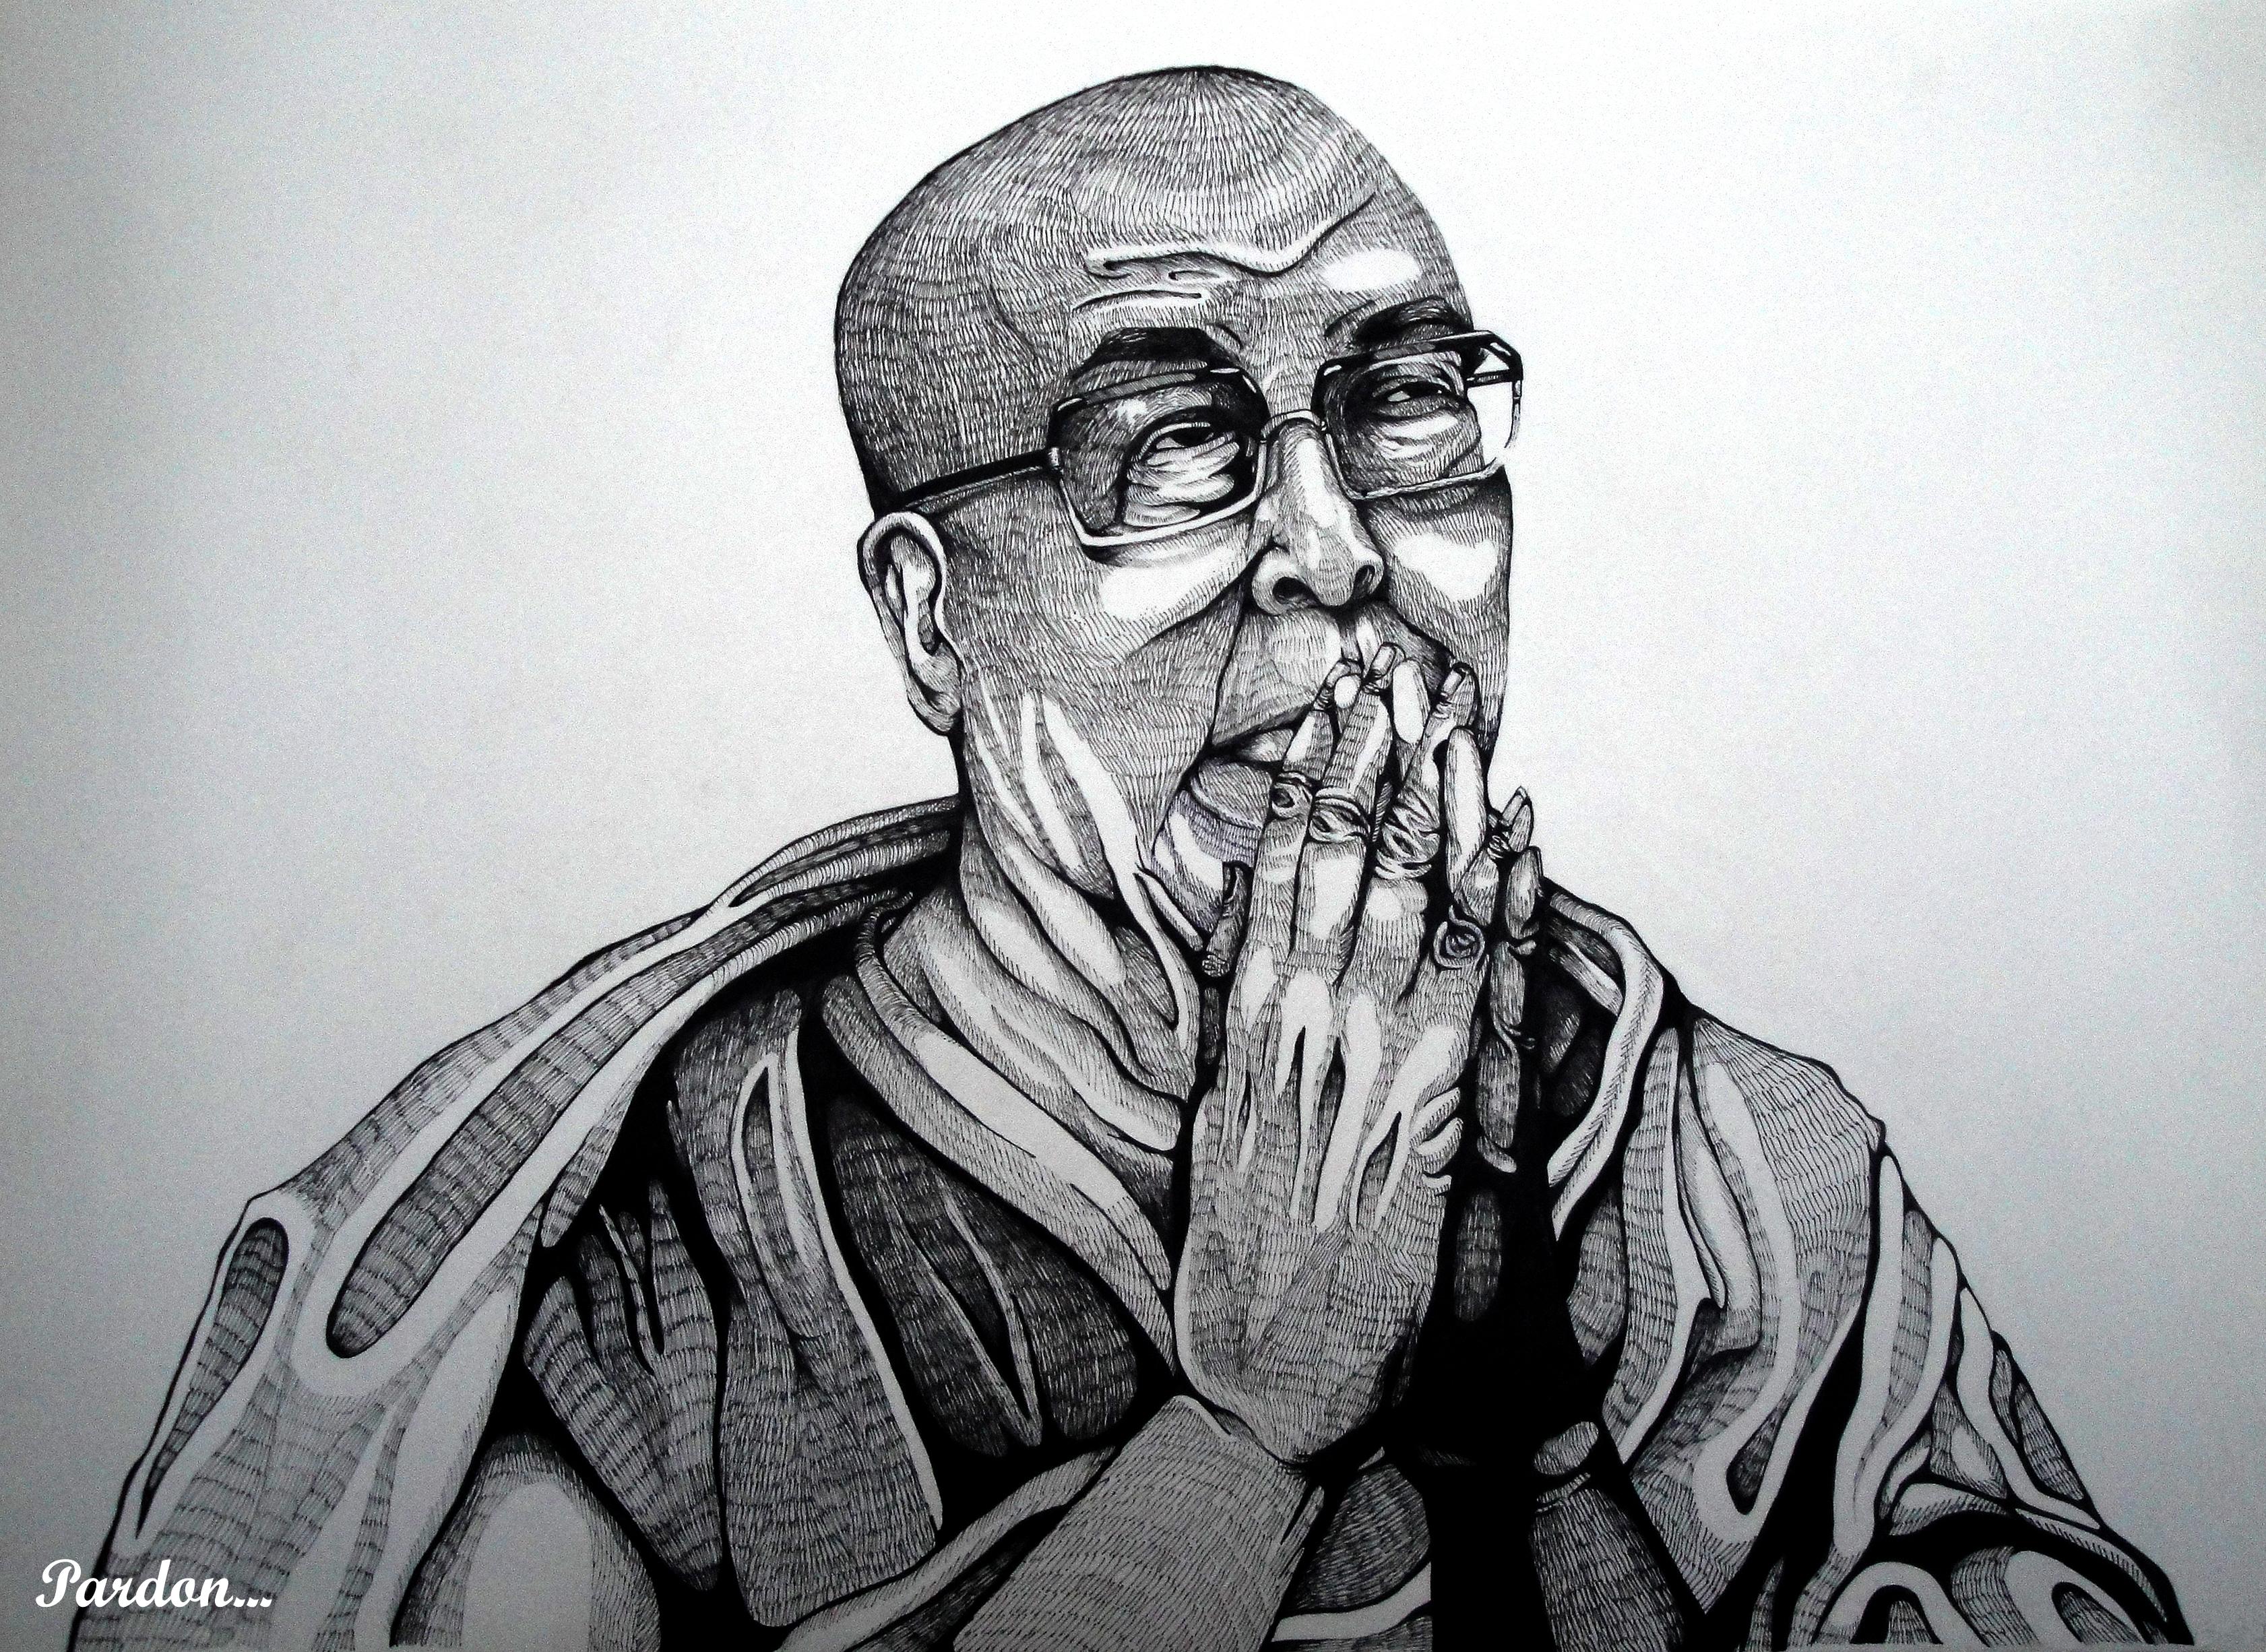 Le Dalaï Lama - Tenzin Gyatso